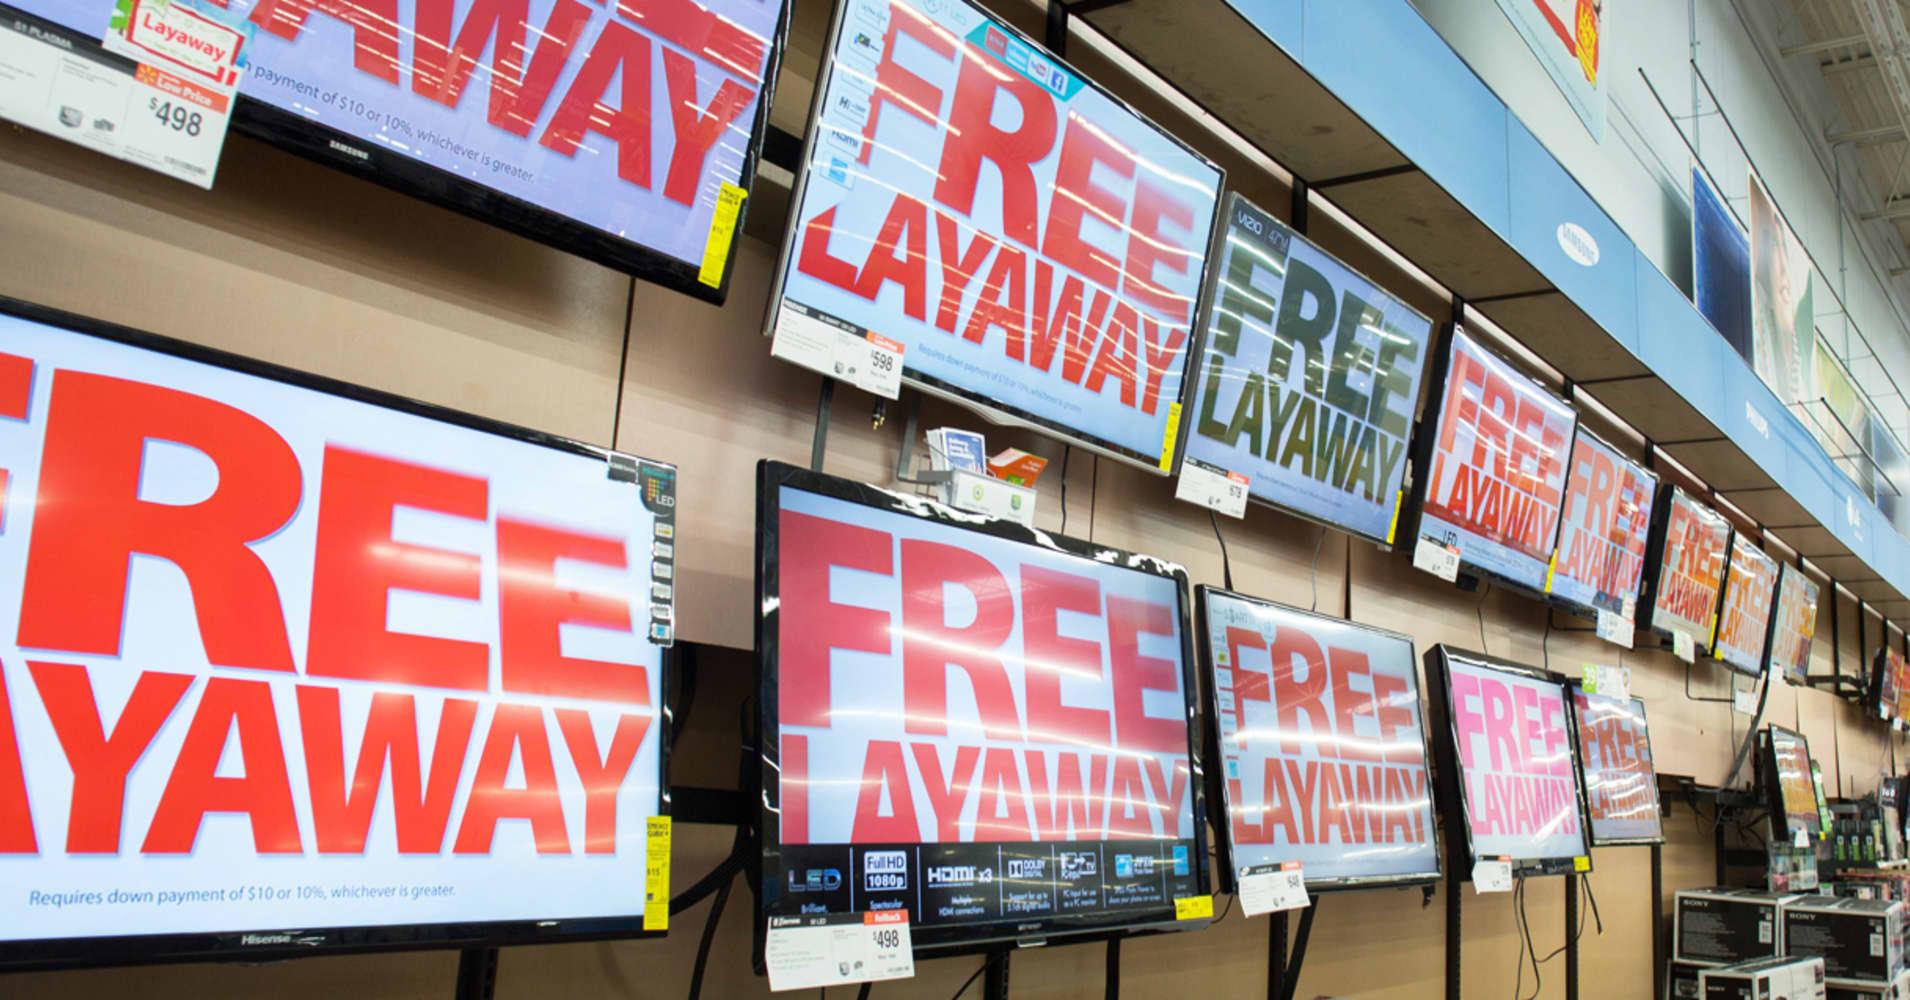 Stores make layaway cheaper, but dangers lurk